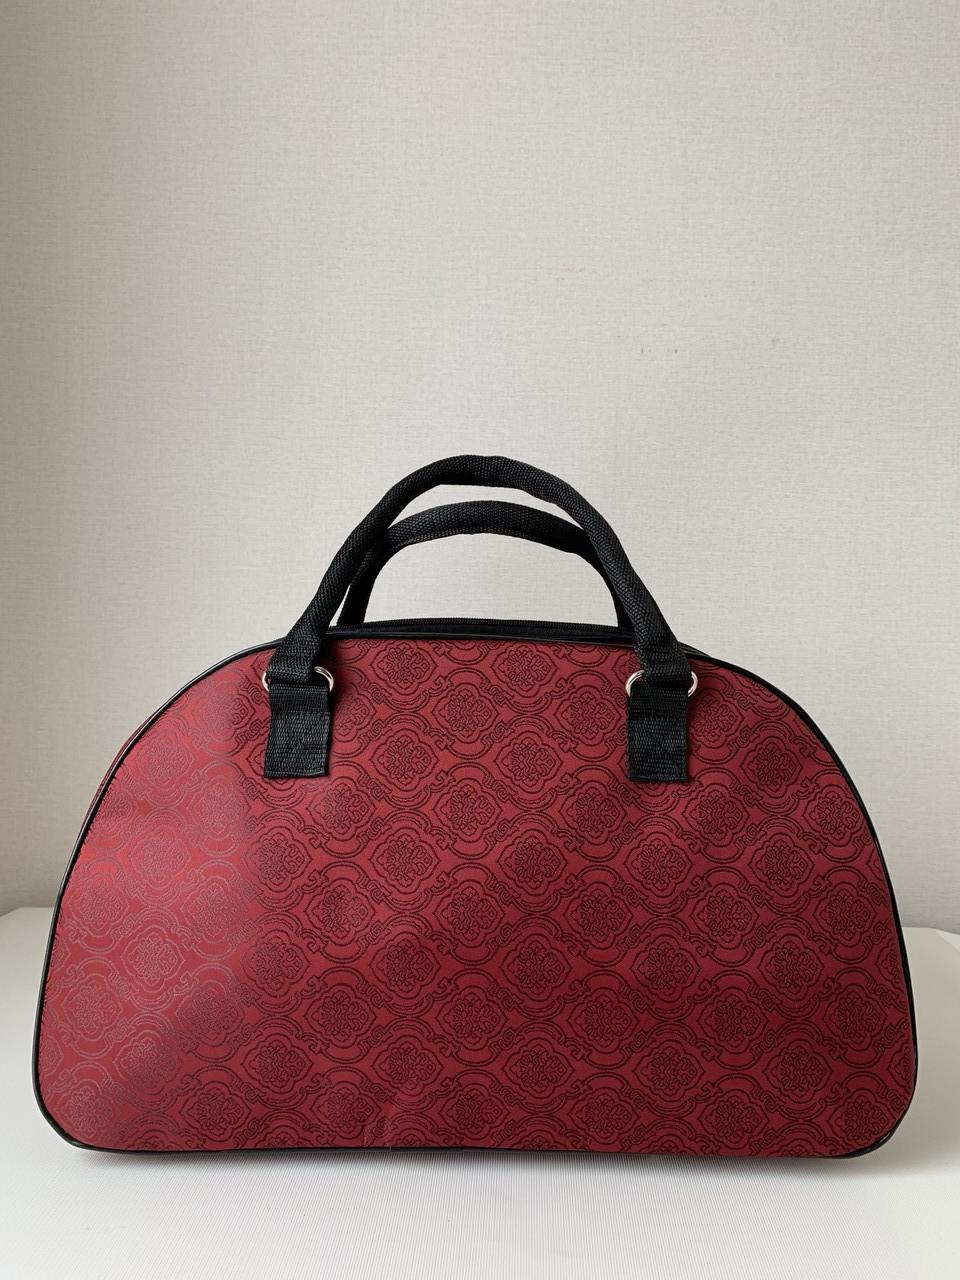 Яркая дорожная женская красная сумка-саквояж текстильная ручная кладь для путешествий